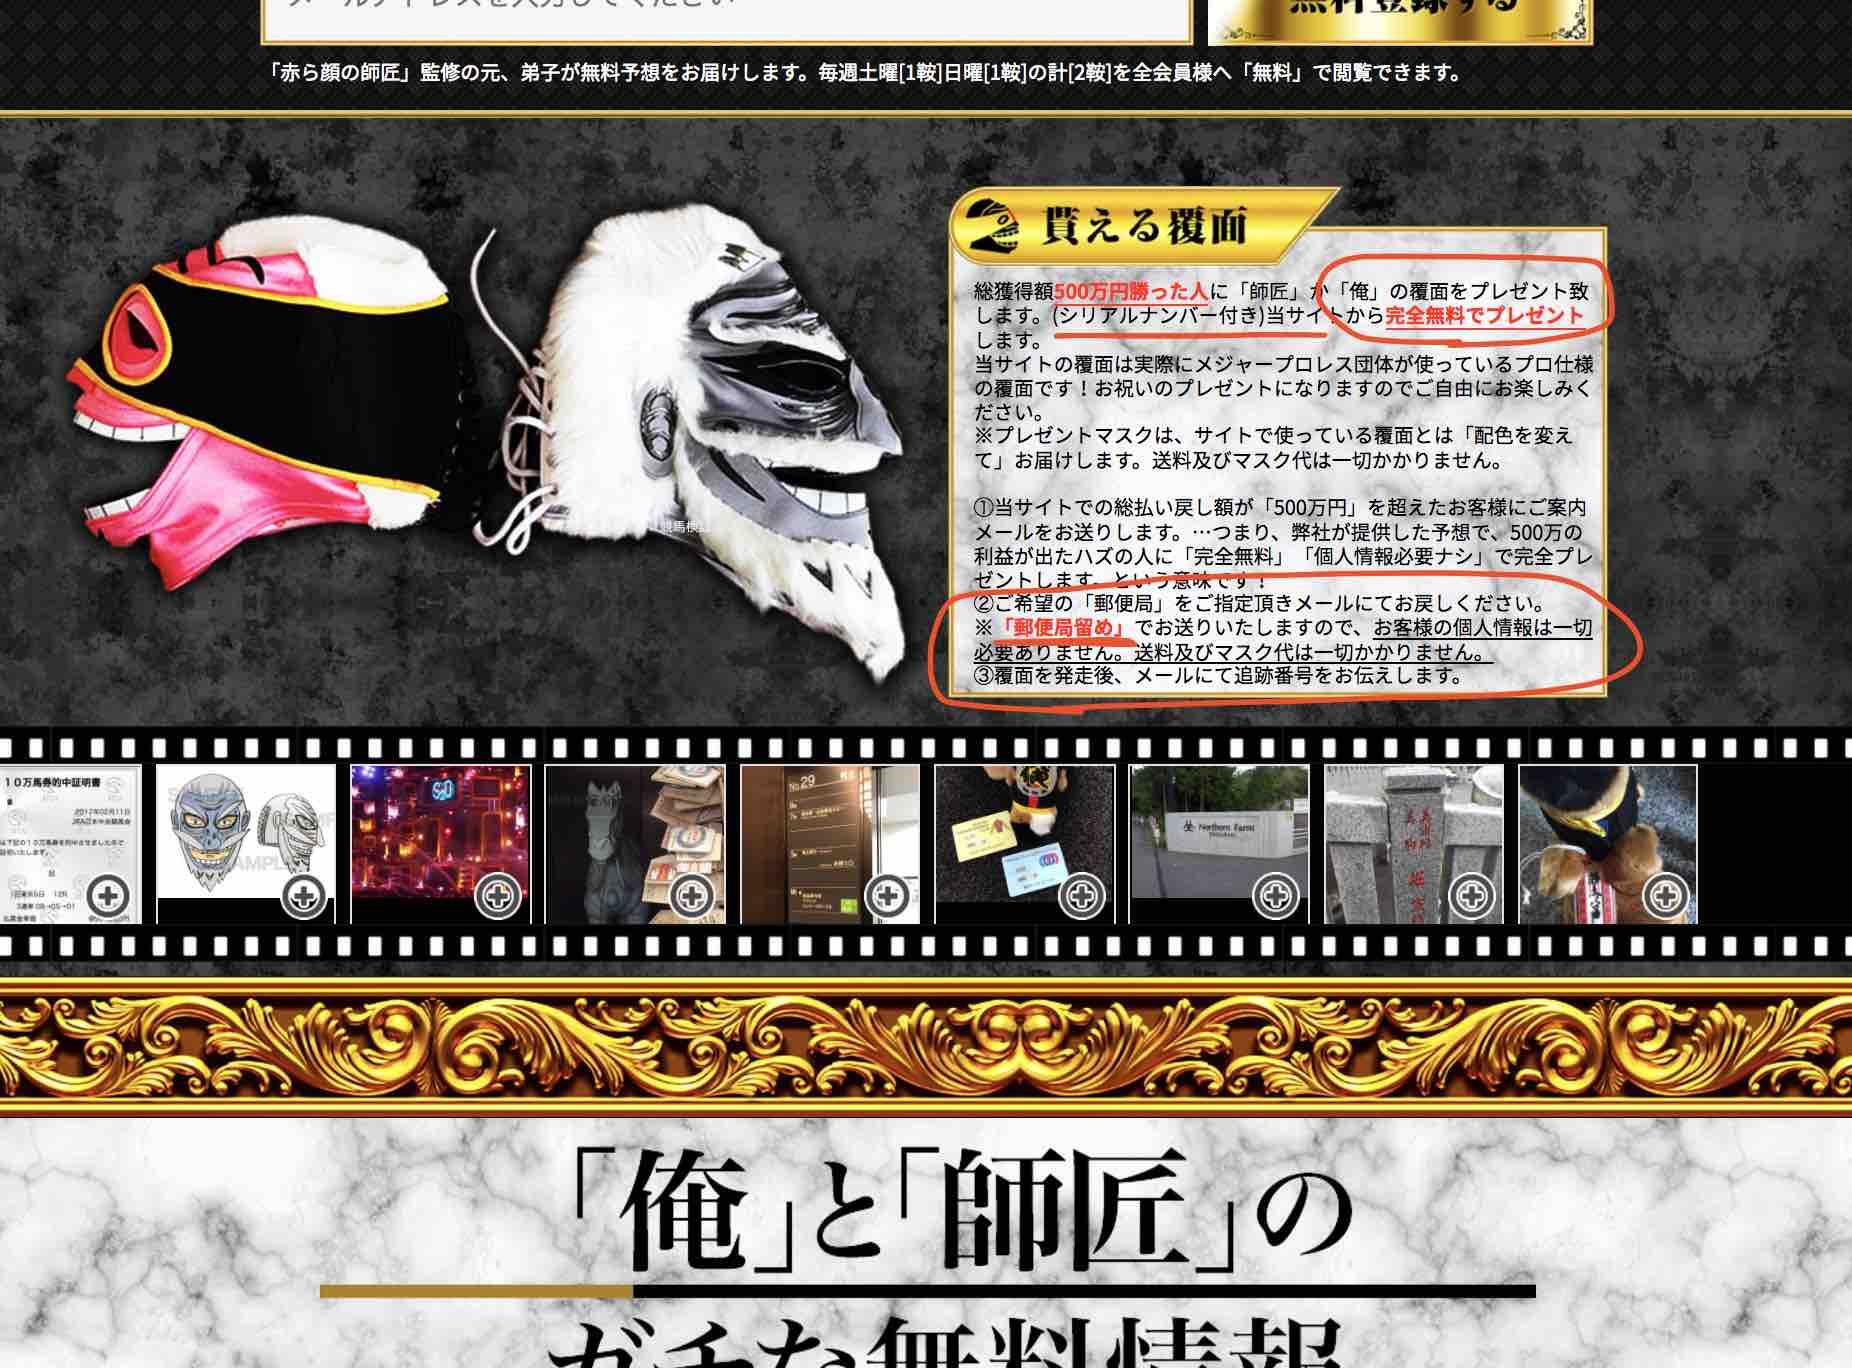 俺の競馬予想(OREKEIBA)という競馬予想サイトの俺のマスクもらえる